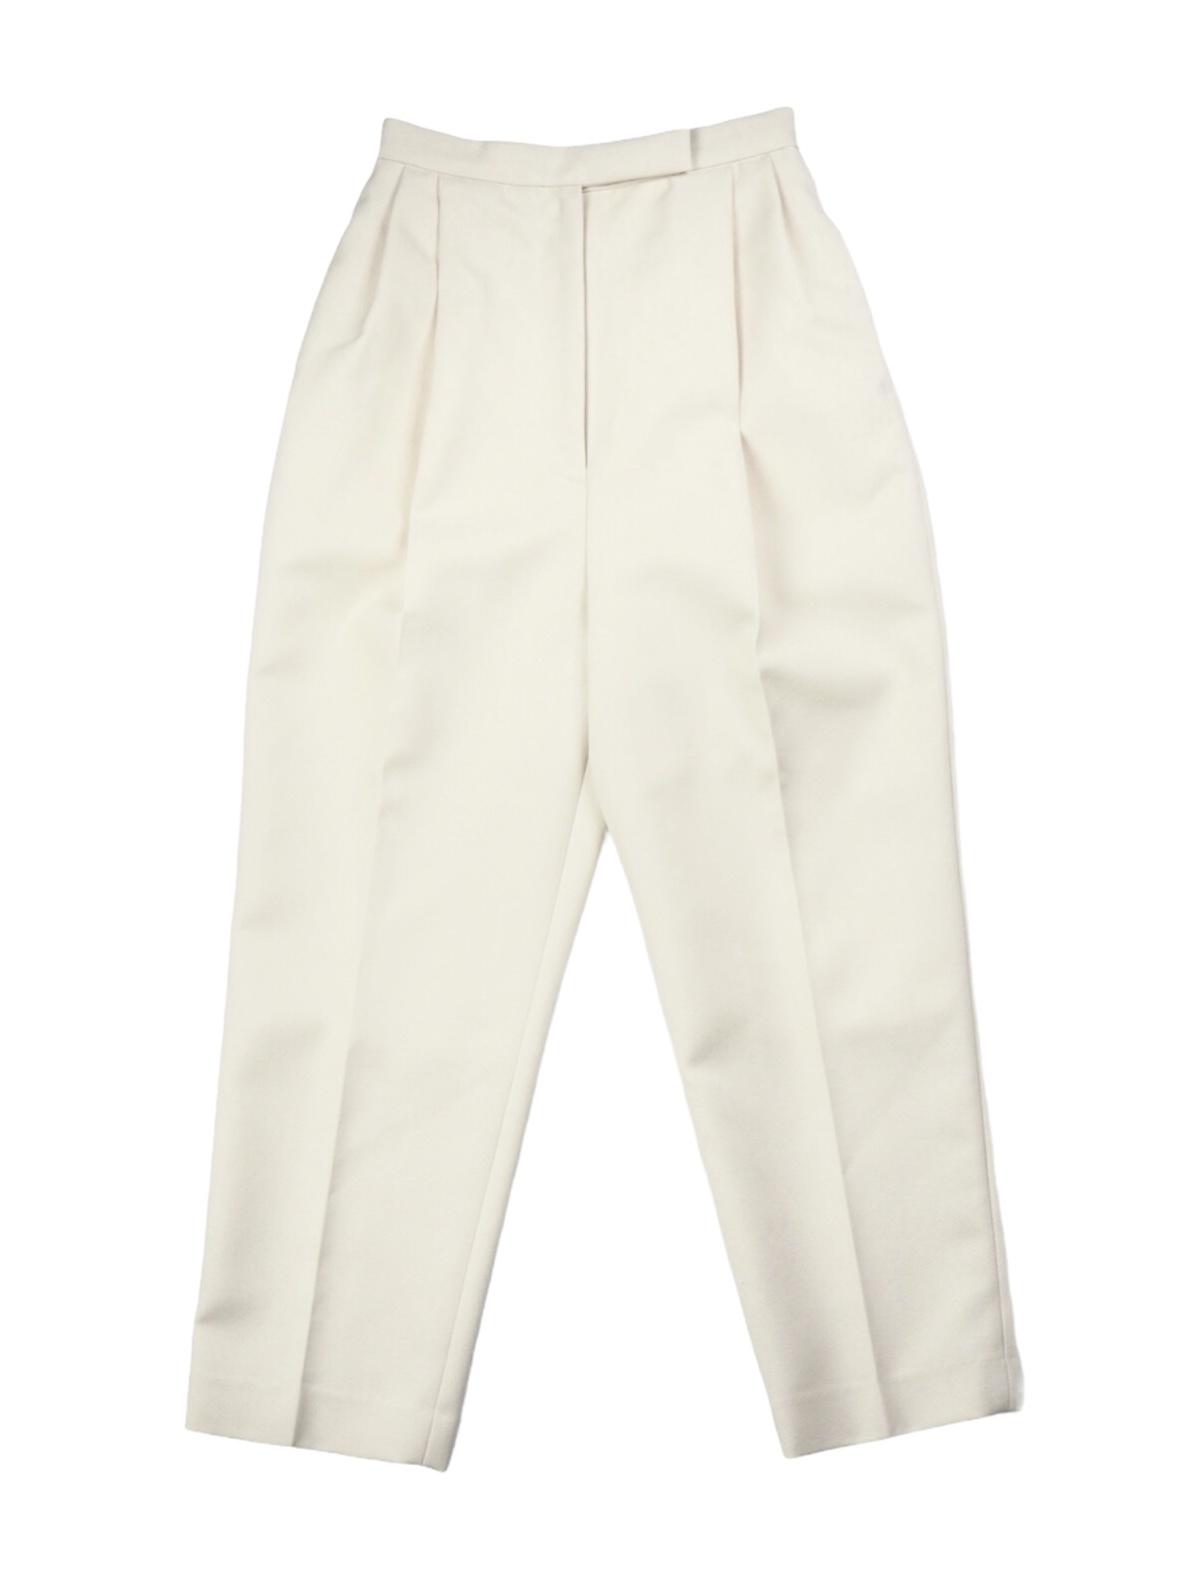 【IIROT】CHANBRAAY GABADINE TUCK PANTS